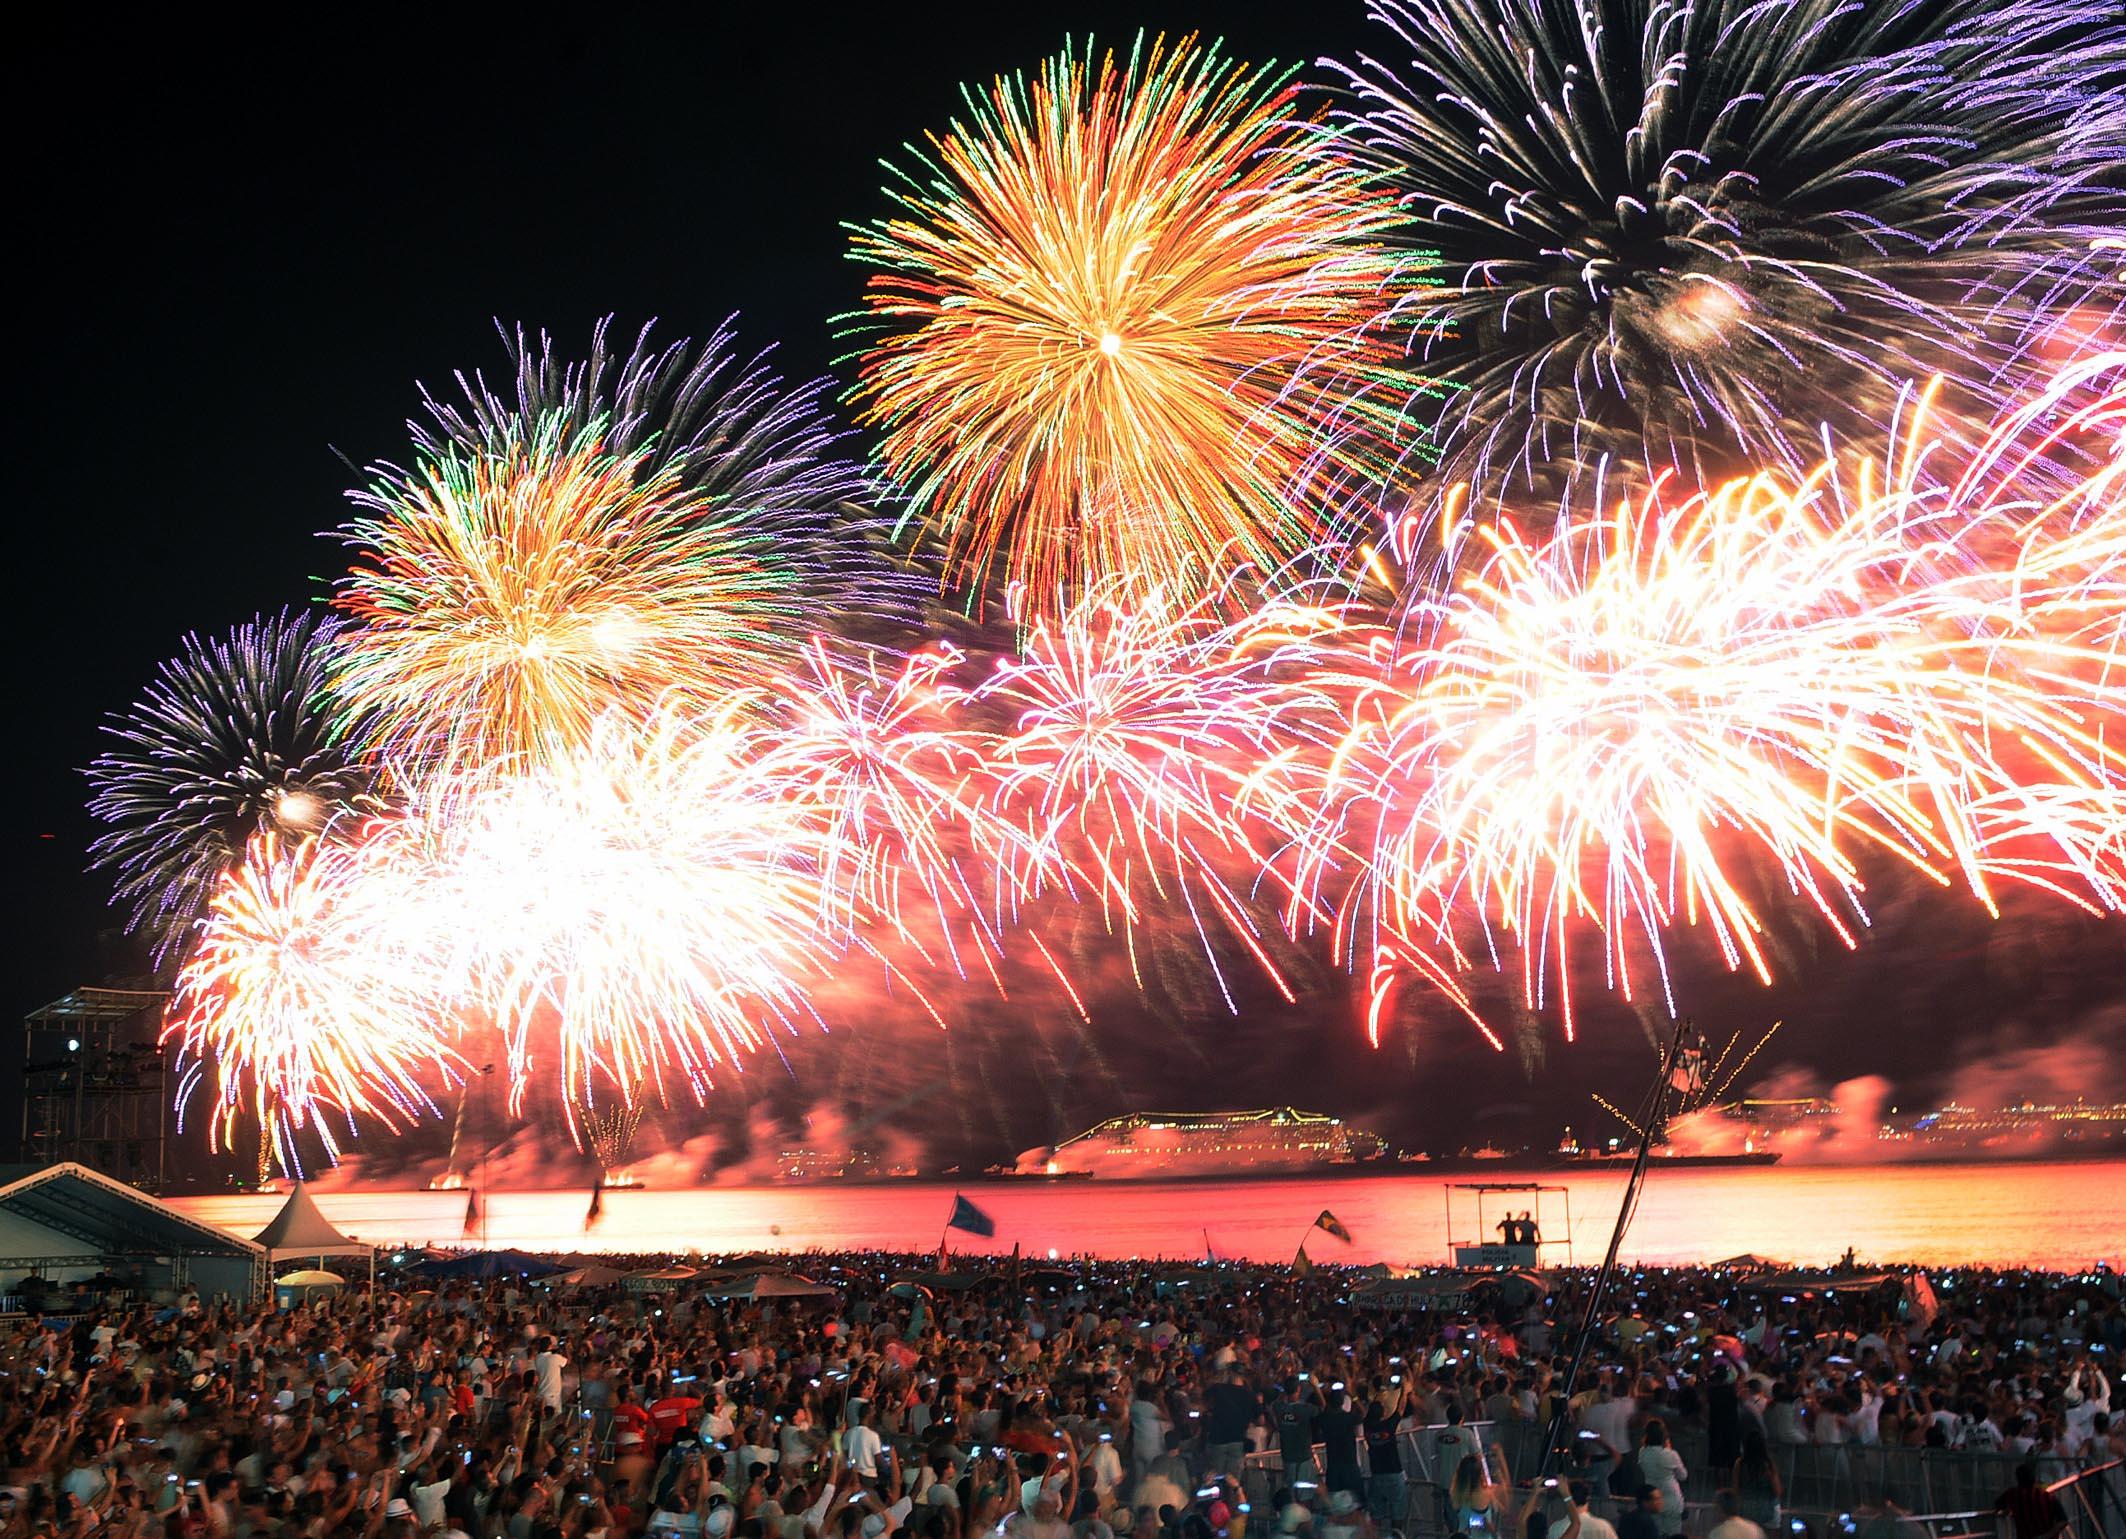 Queima de fogos ilumina a praia de Copacabana com a chegada de 2015.